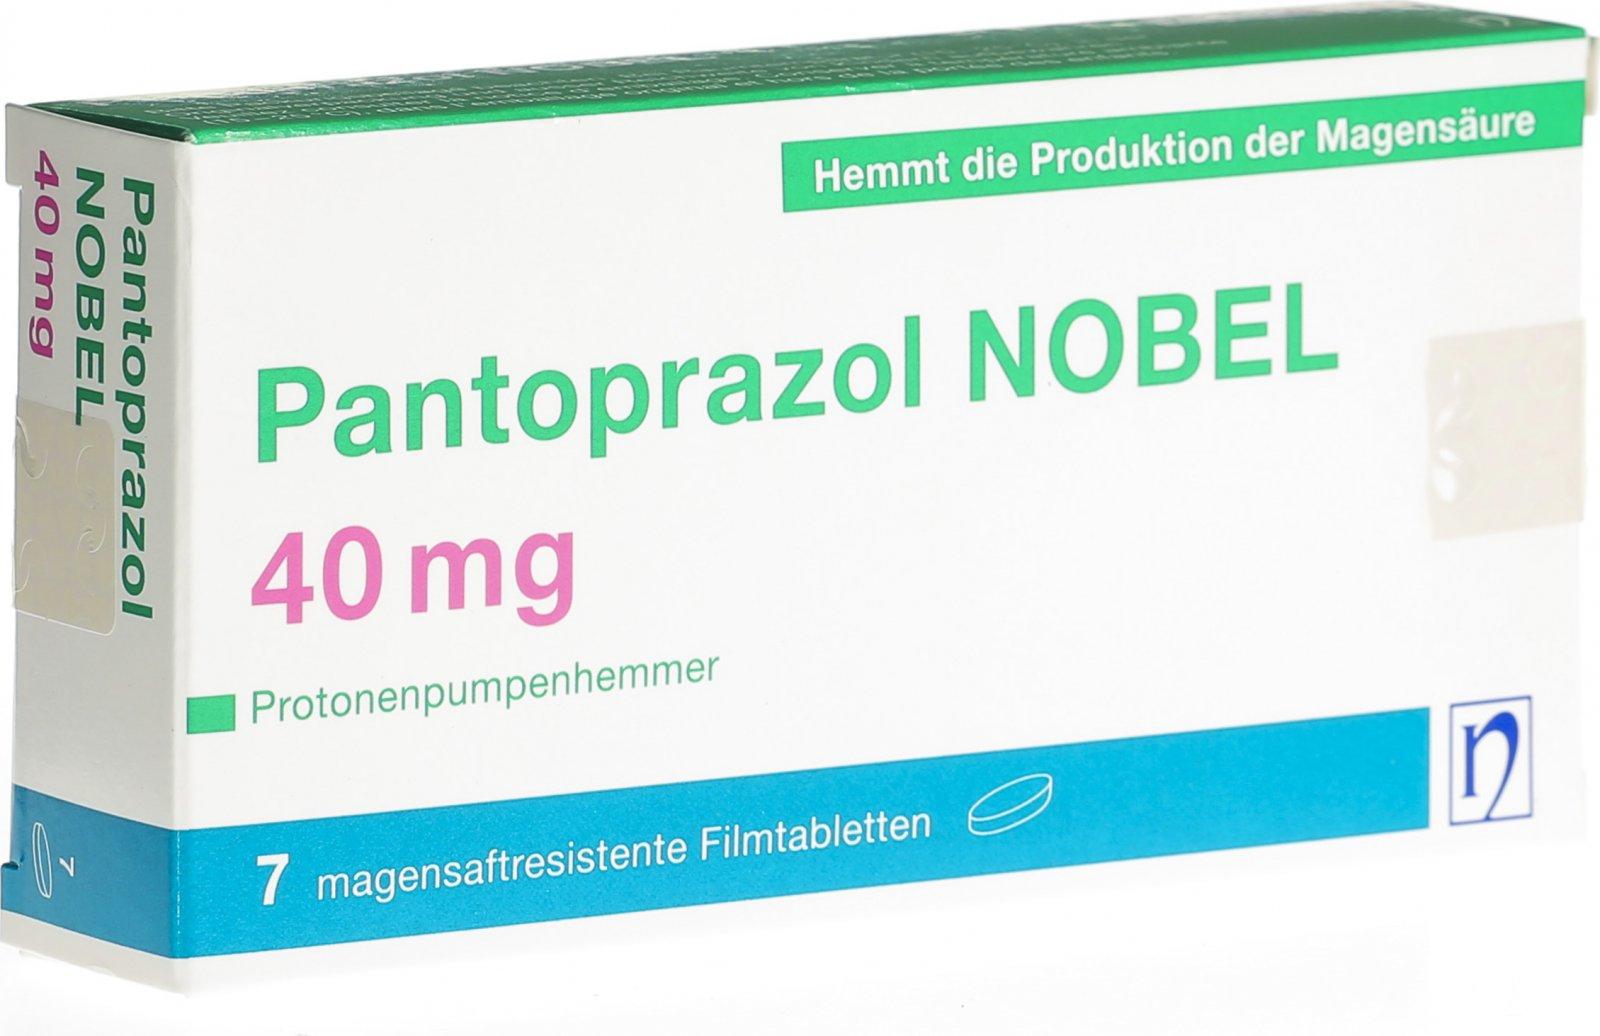 Pantoprazol Nobel Filmtabletten 40mg 7 Stück in der Adler